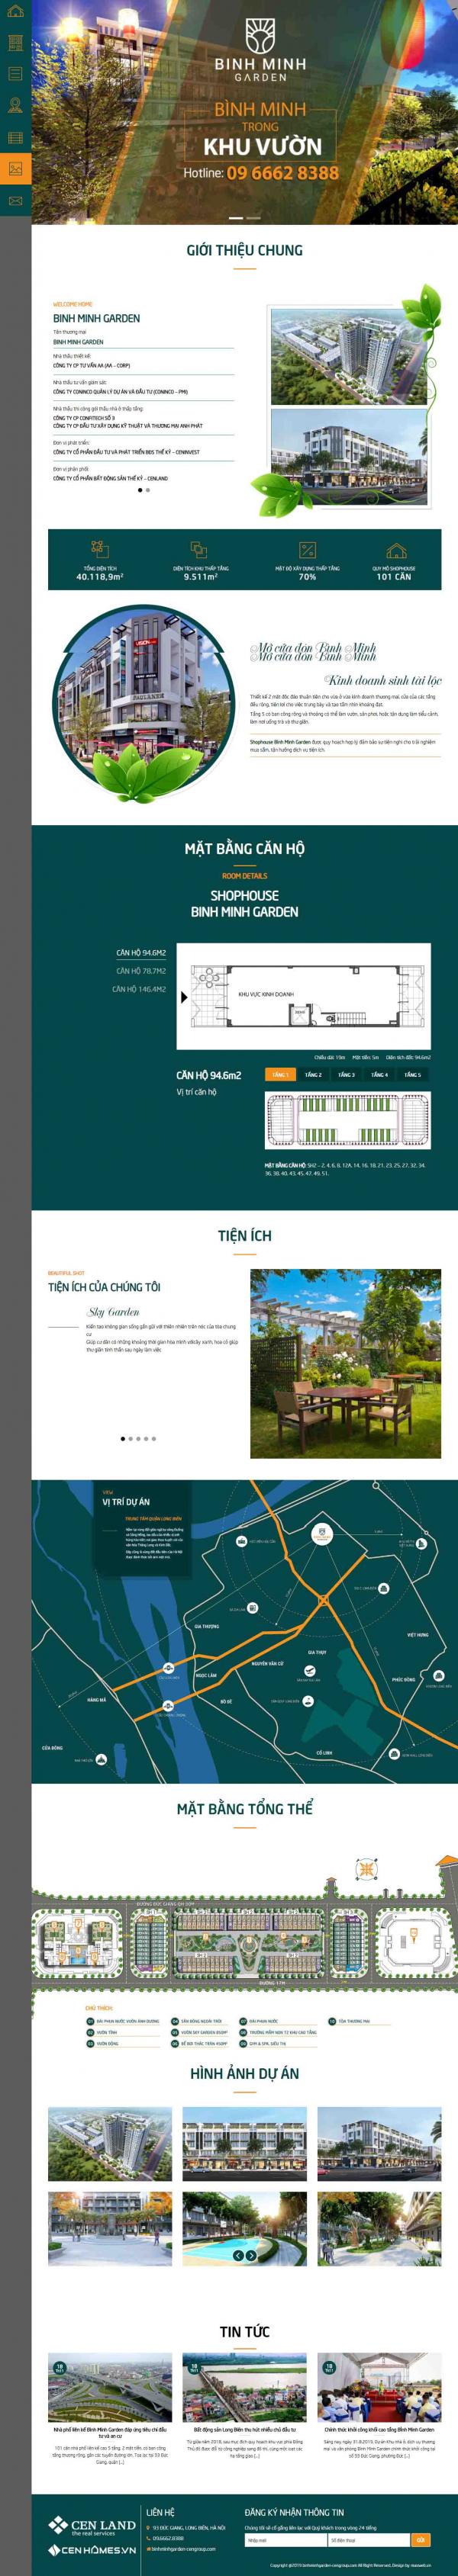 Mẫu giao diện thiết kế web bđs 1 dự án giá rẻ